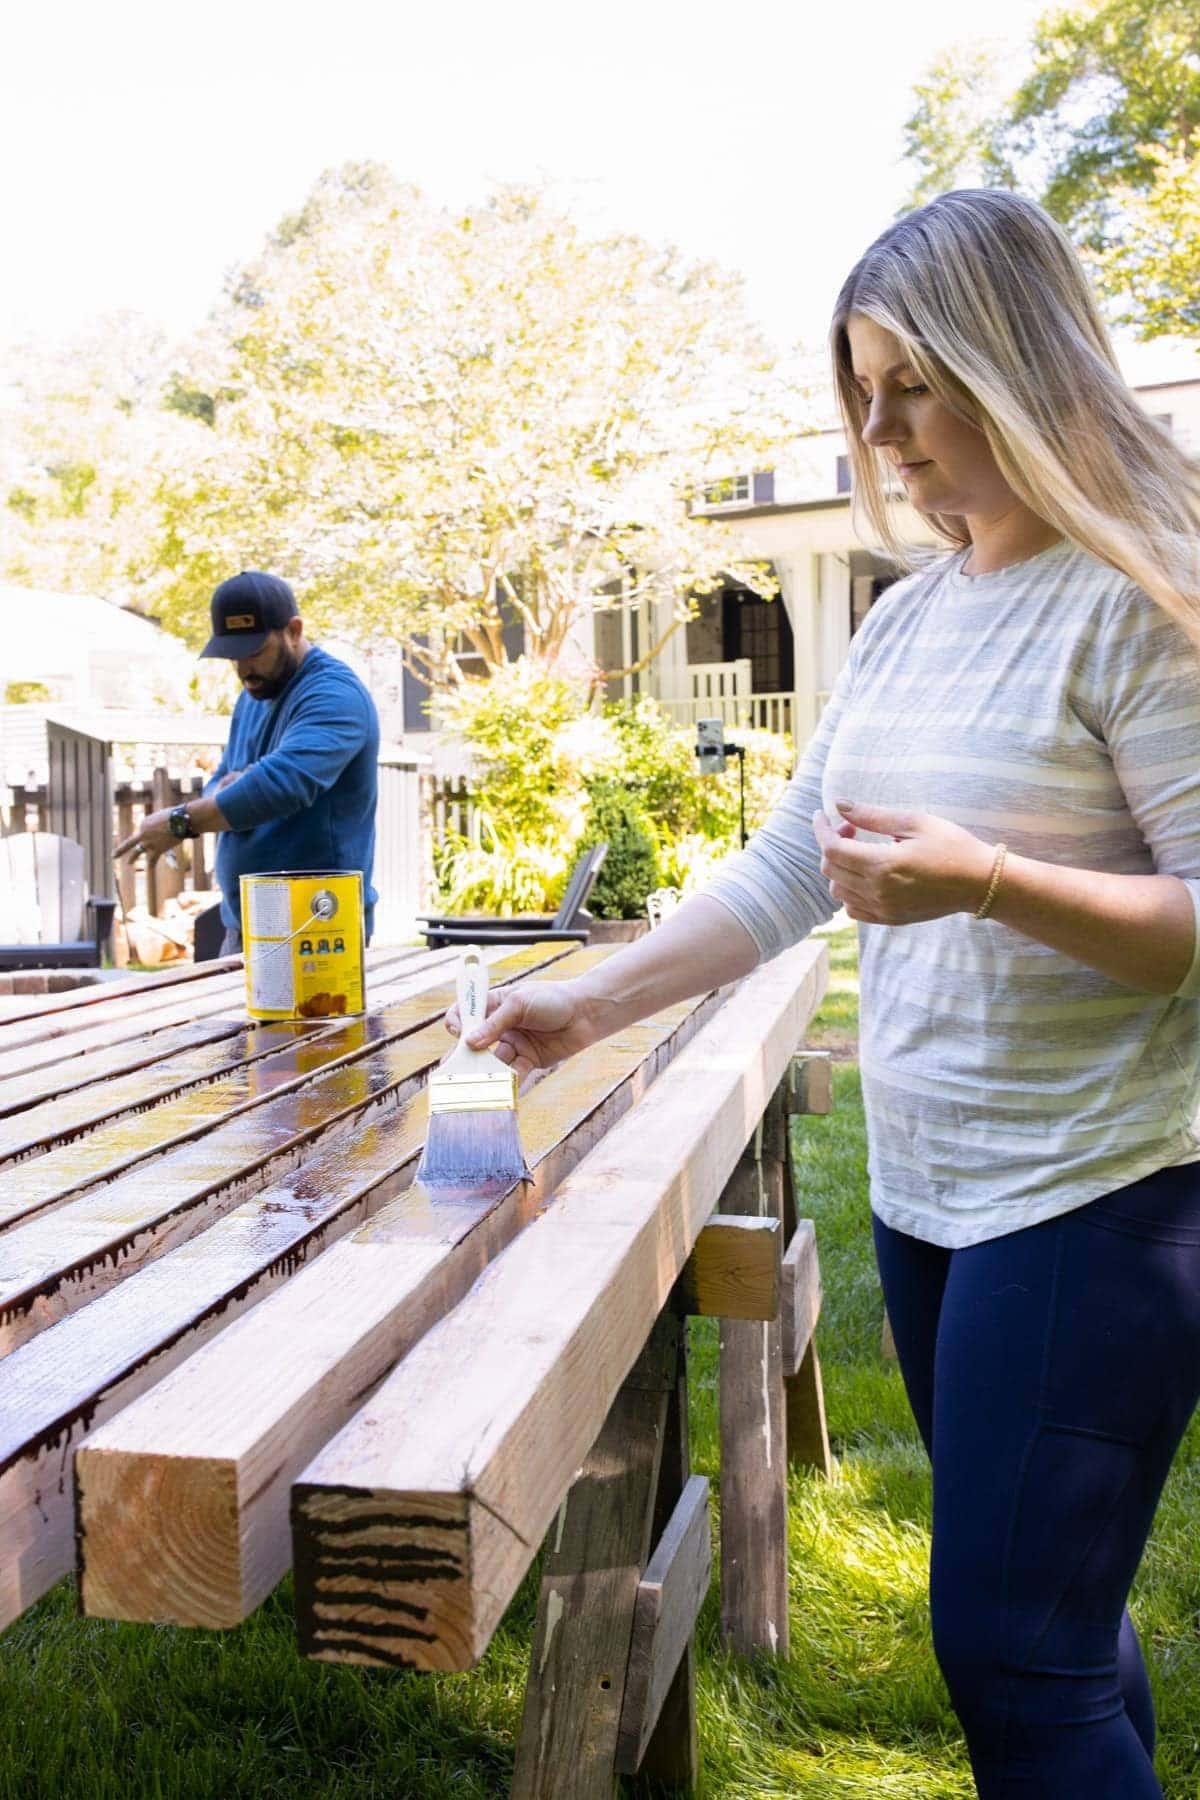 waterproof staining 4x4 cedar wood